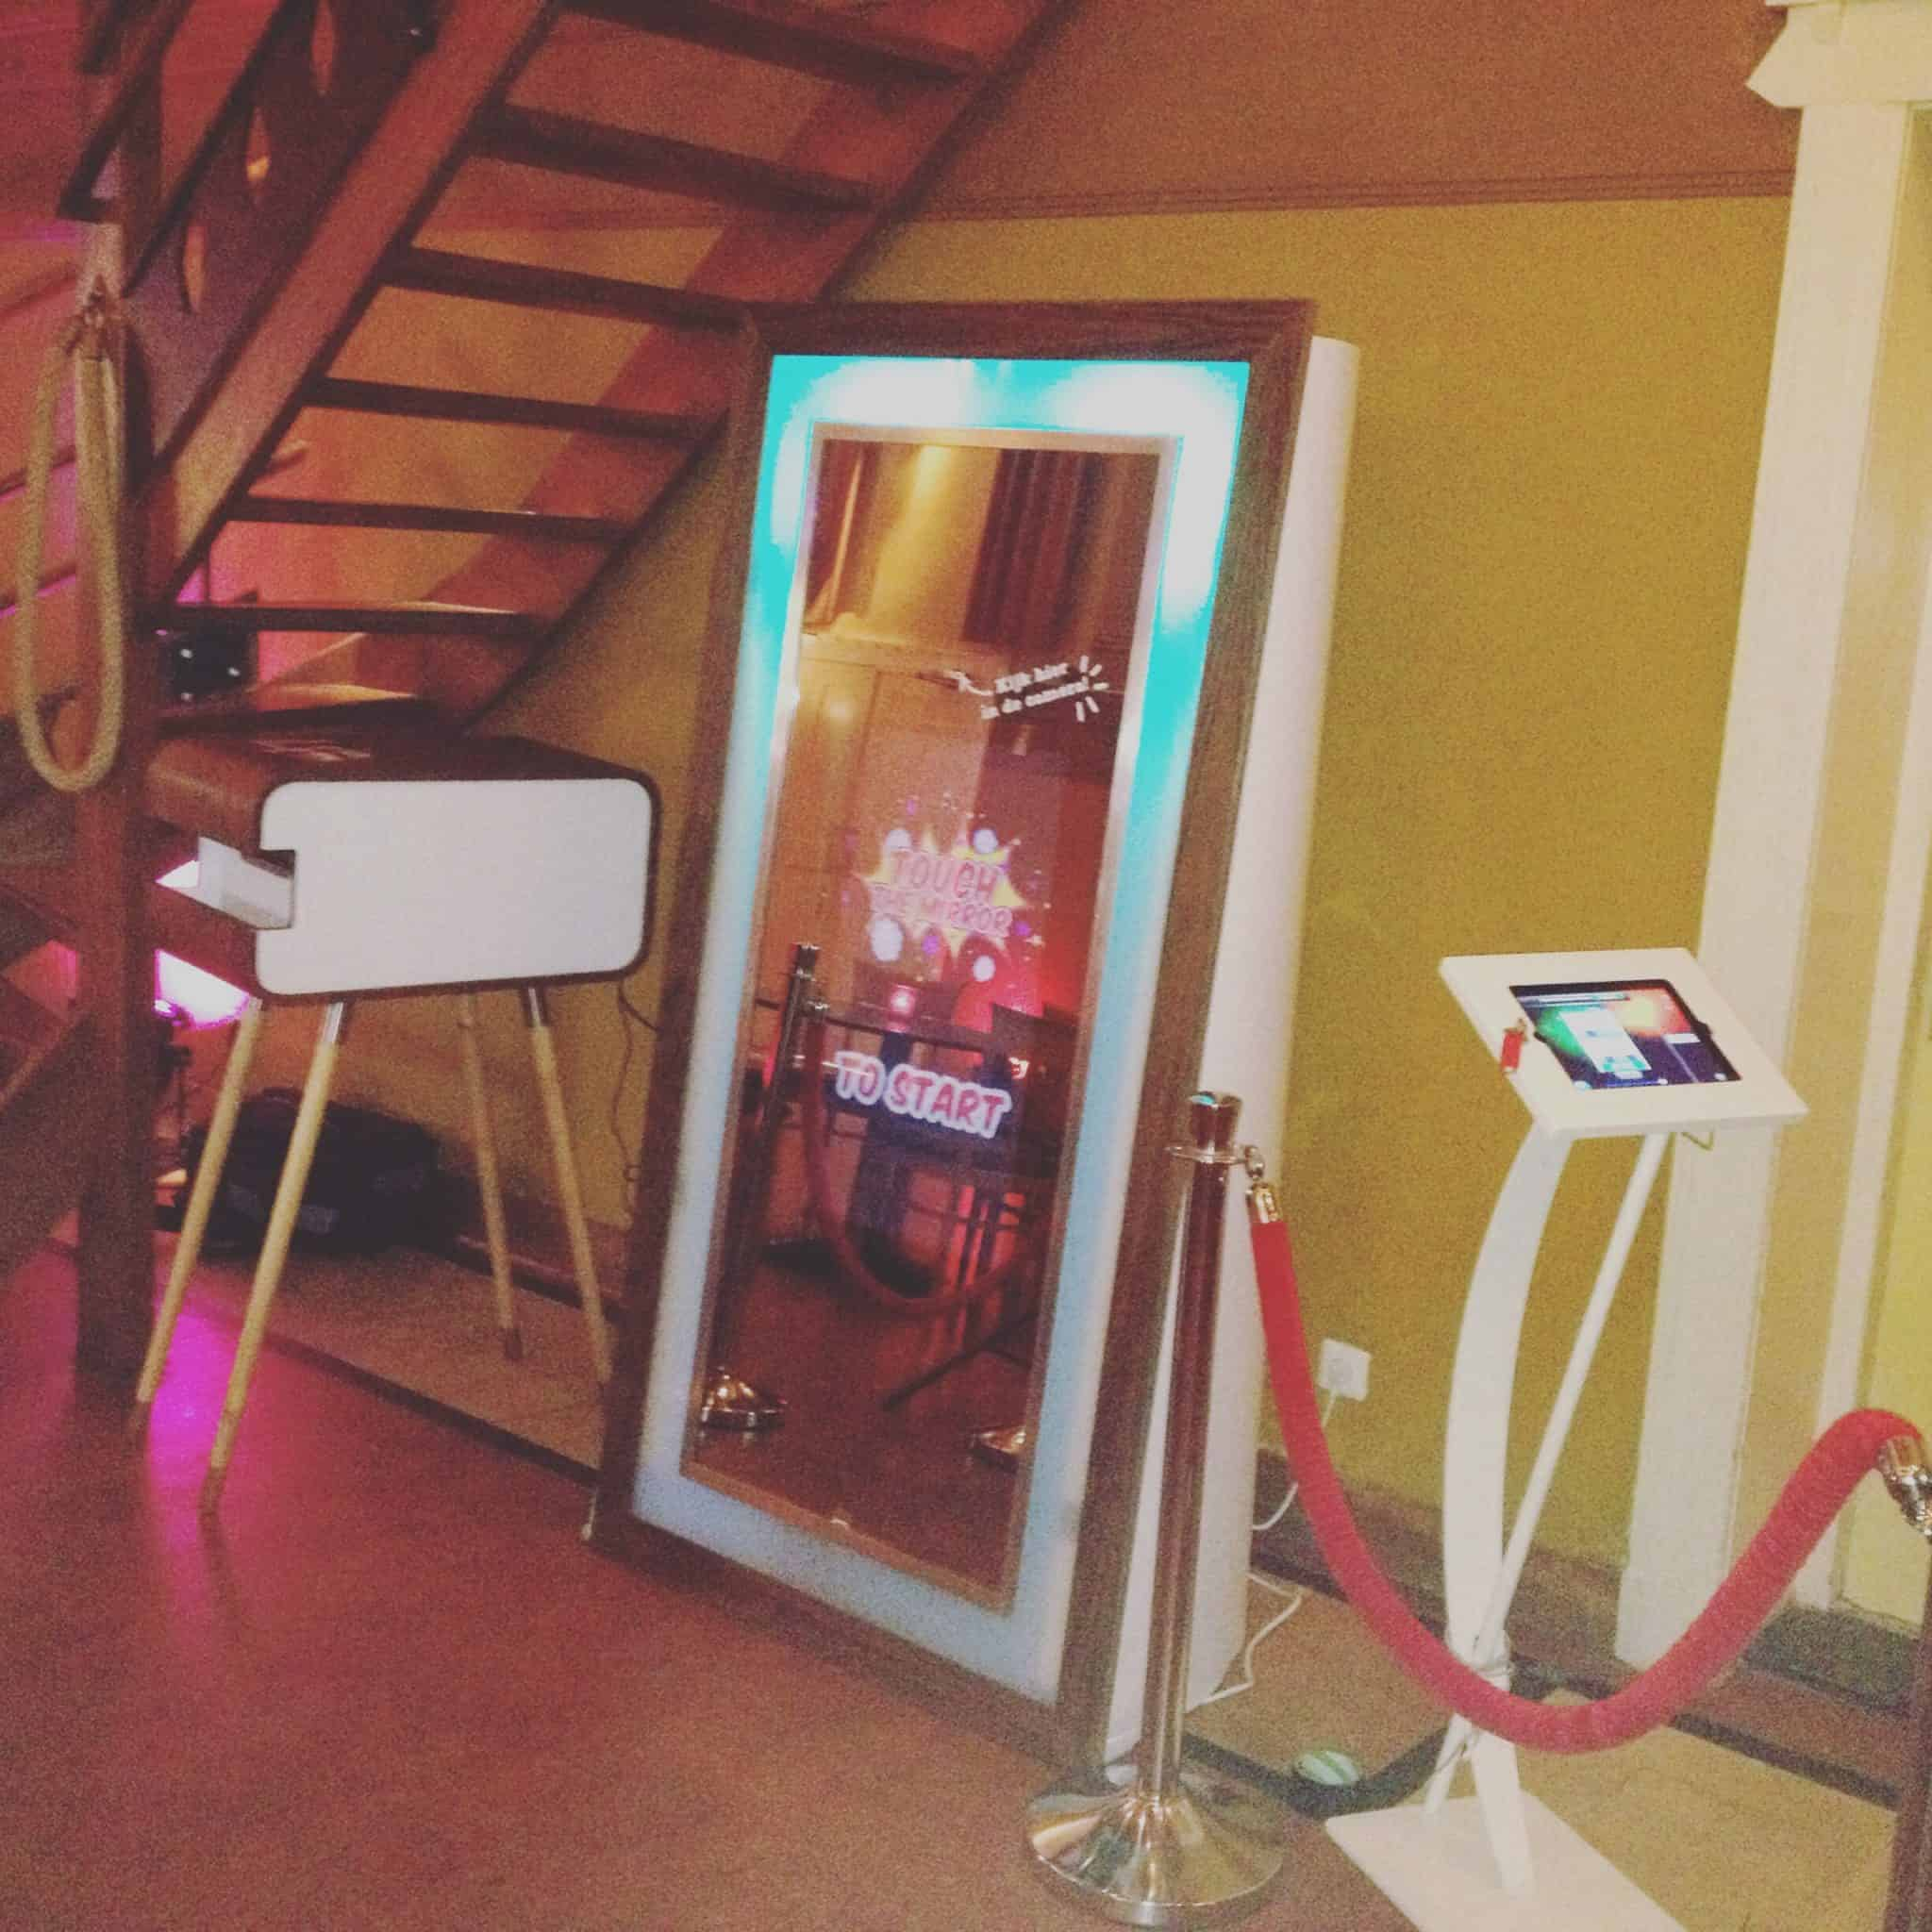 Fotospiegel photobooth huren voor je bruiloft of bedrijfsfeest